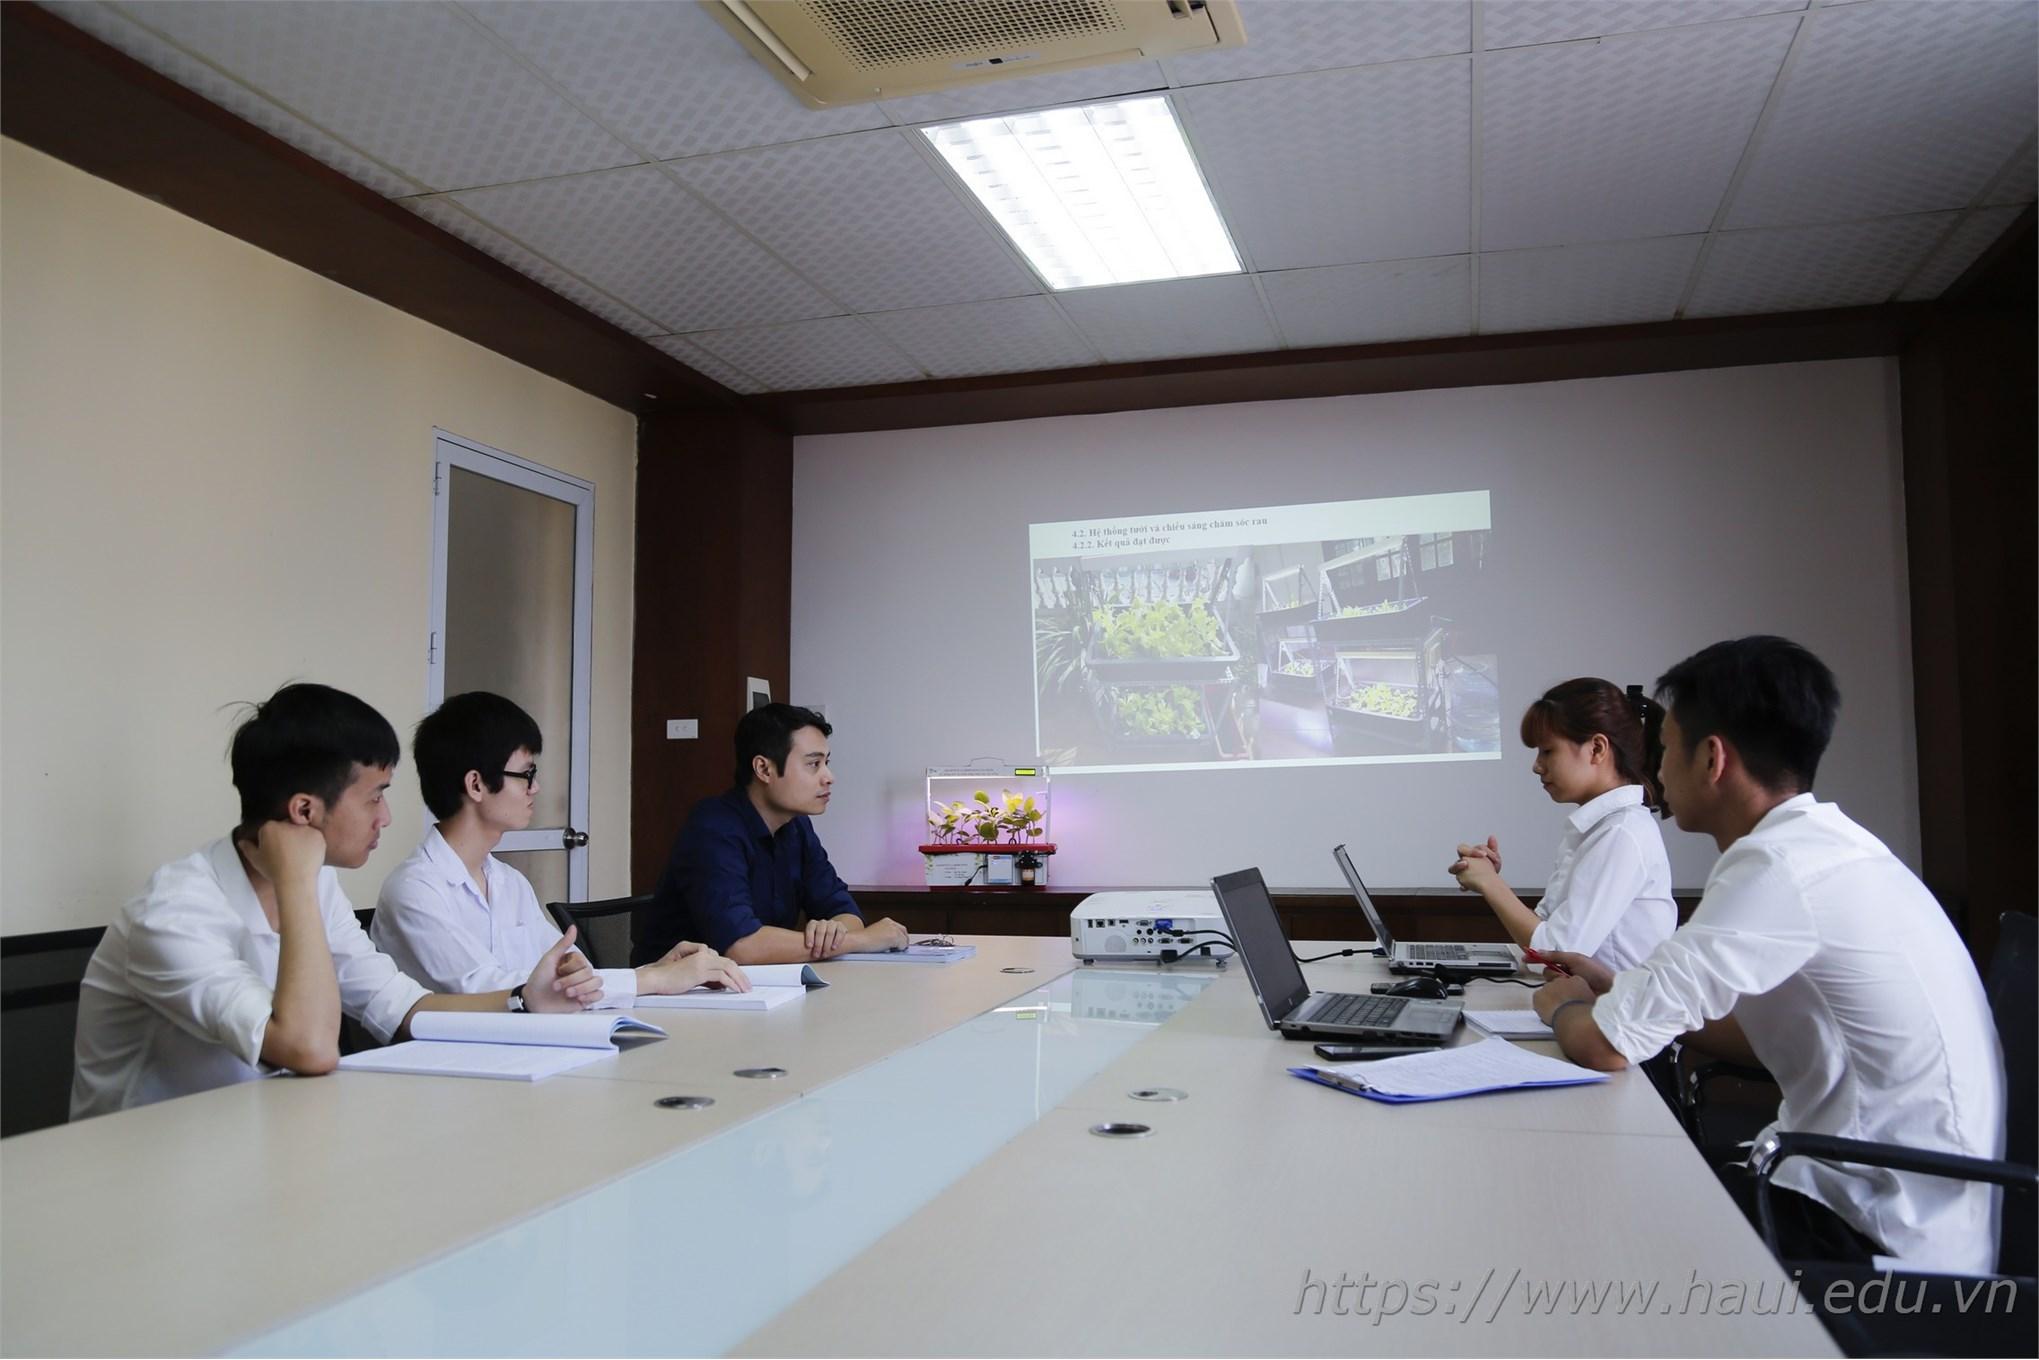 TS. Đặng Hoàng Anh thảo luận với nhóm nghiên cứu thực hiện đề tài